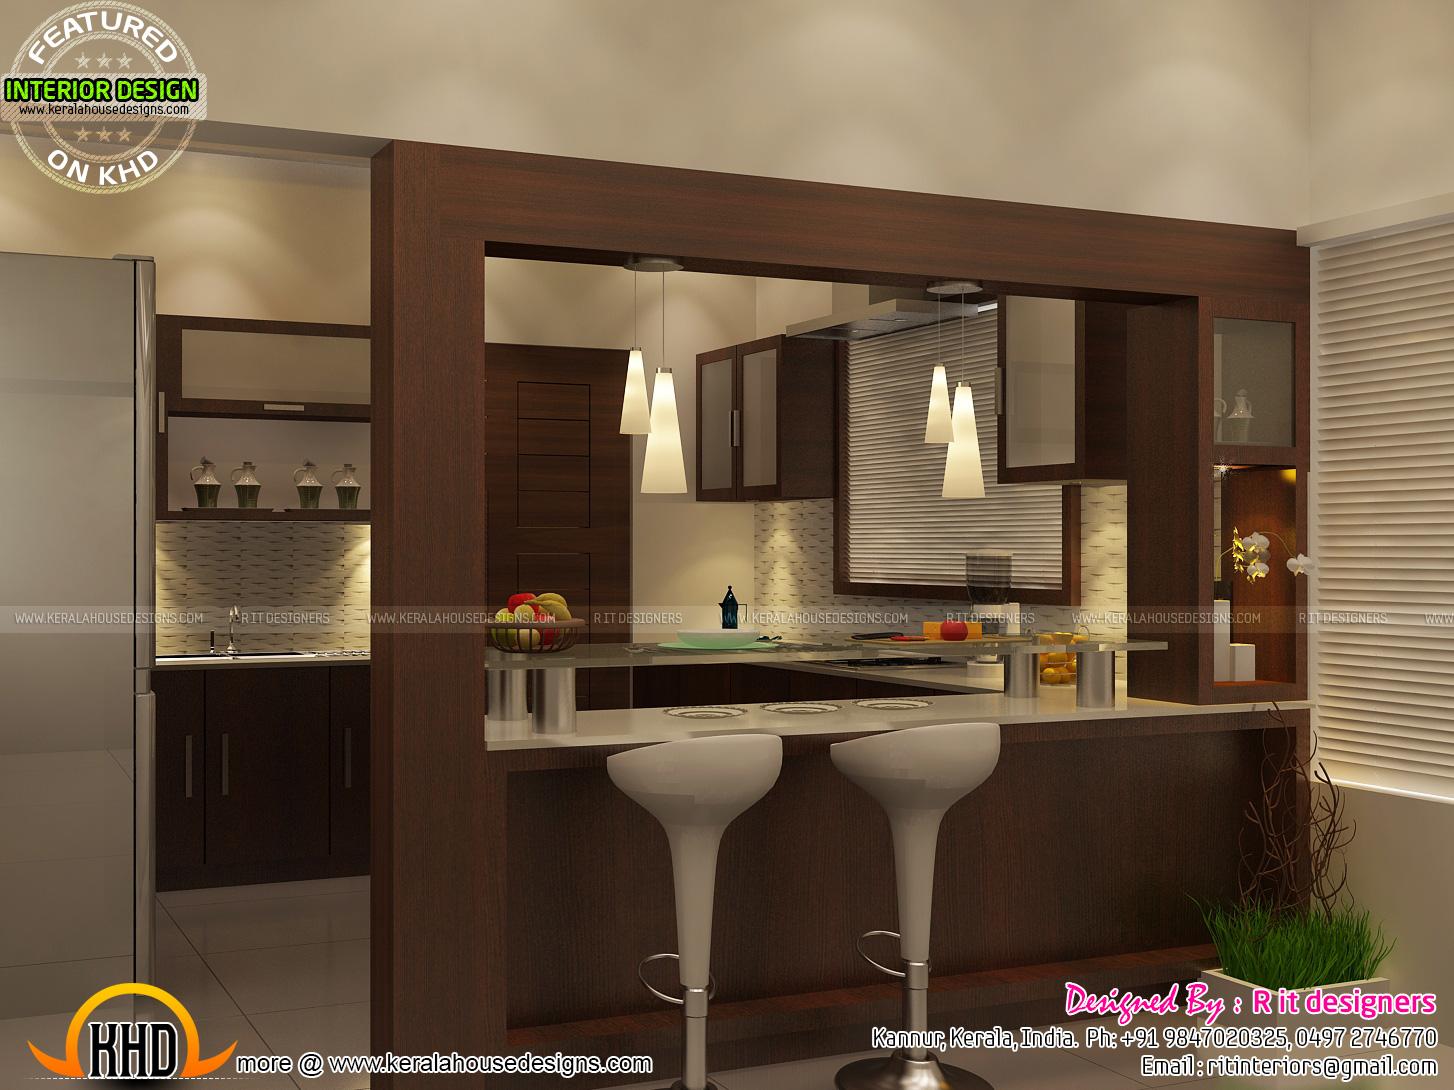 Open kitchen, living, skylight area interior